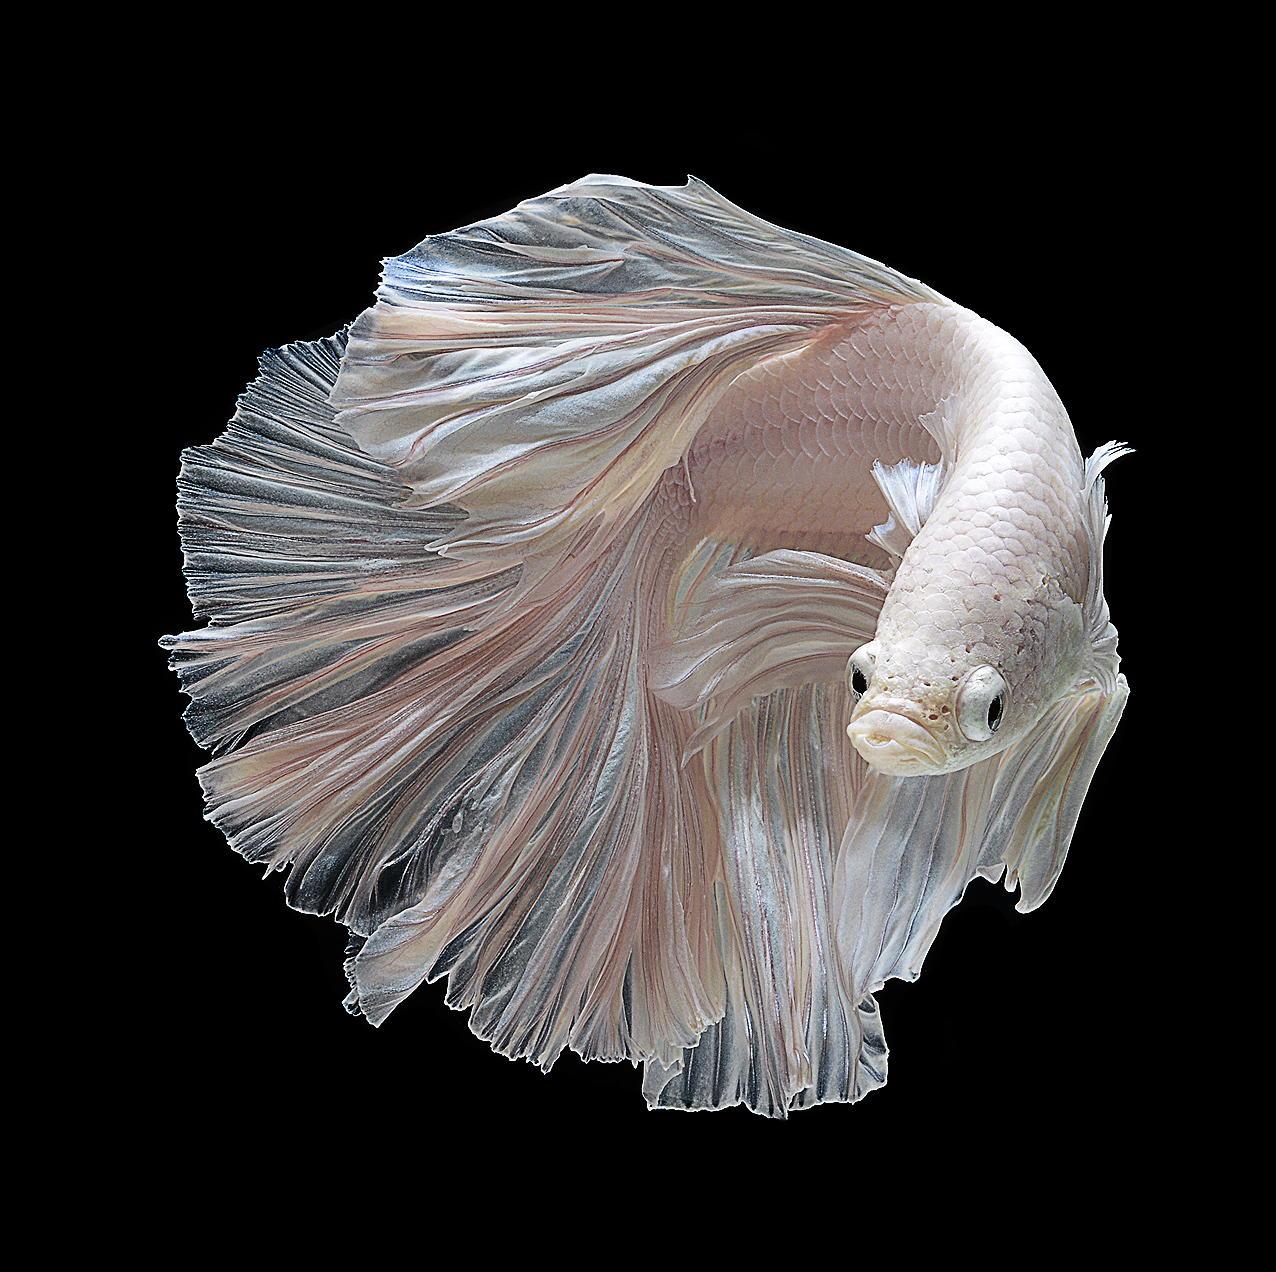 siamese-fighting-fish-visarute-angkatavanich-07